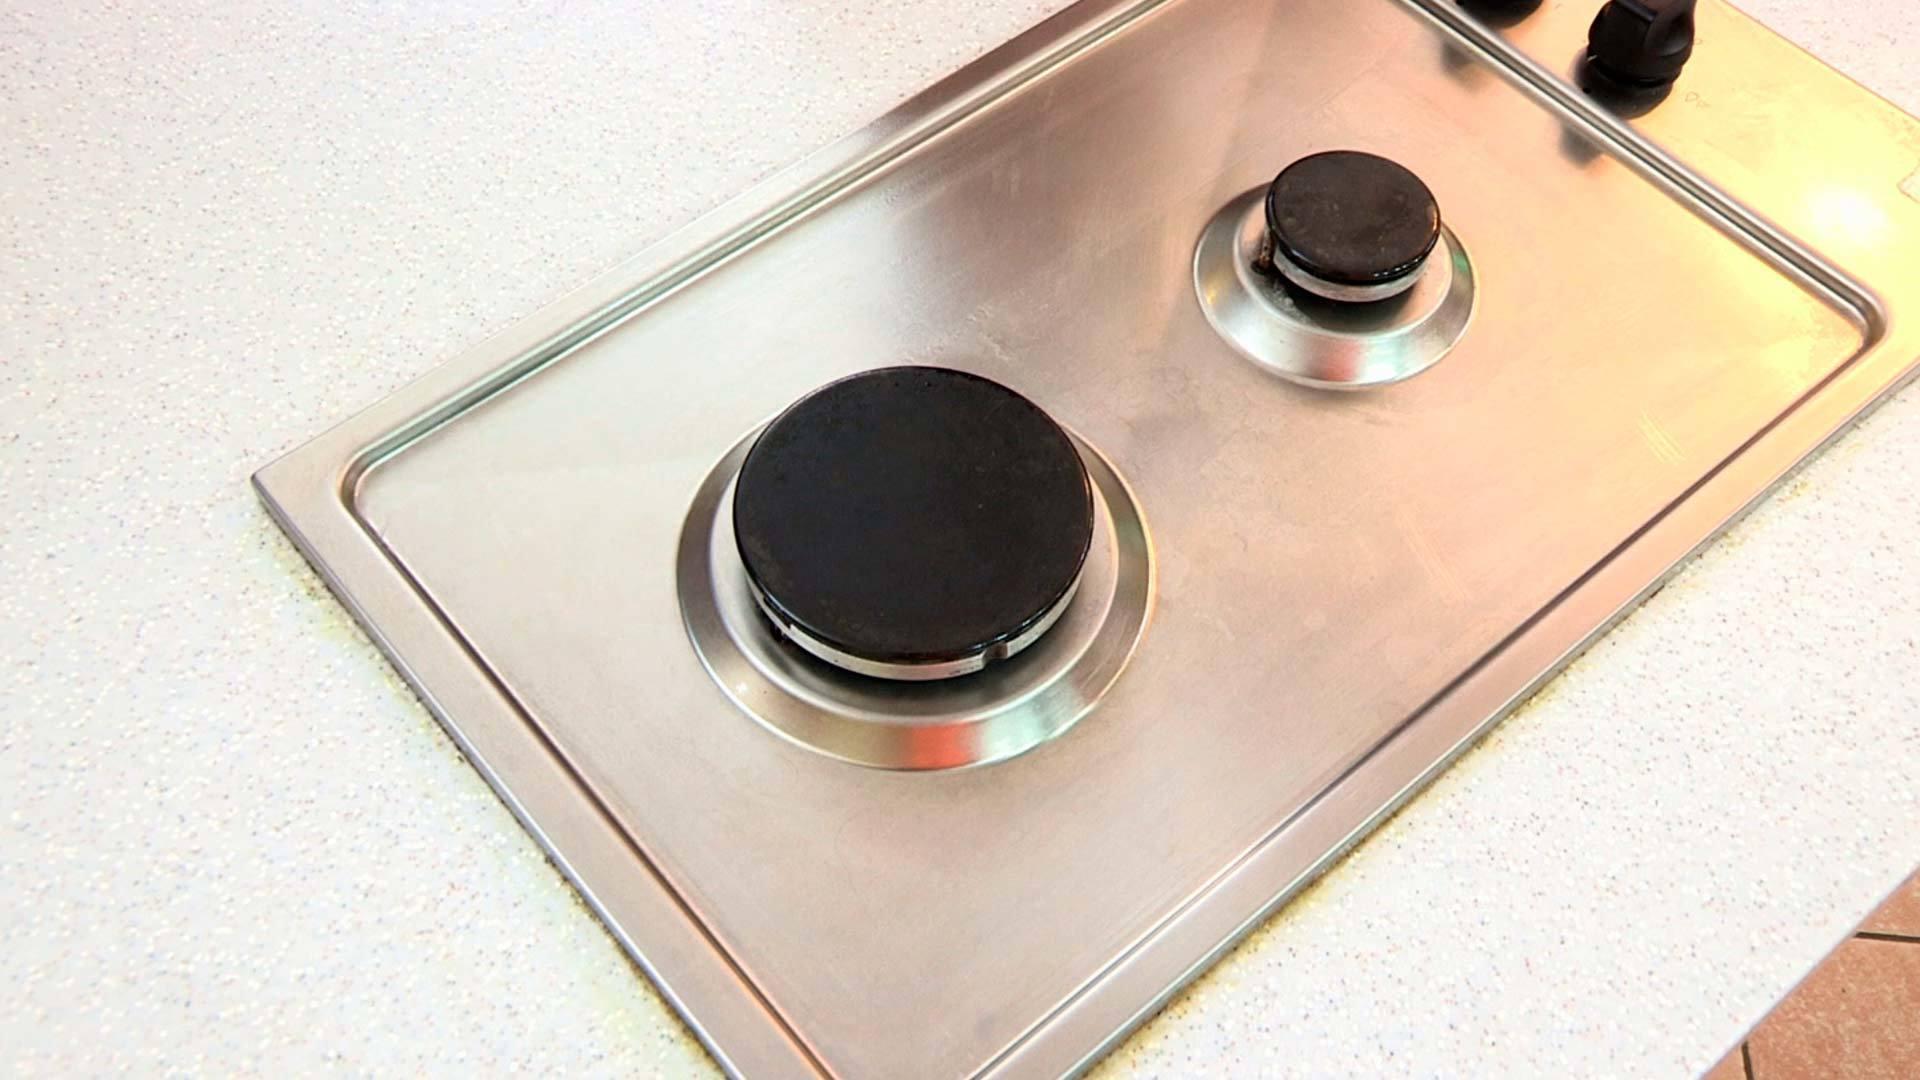 Как почистить газовую плиту в домашних условиях - О чистоте 72